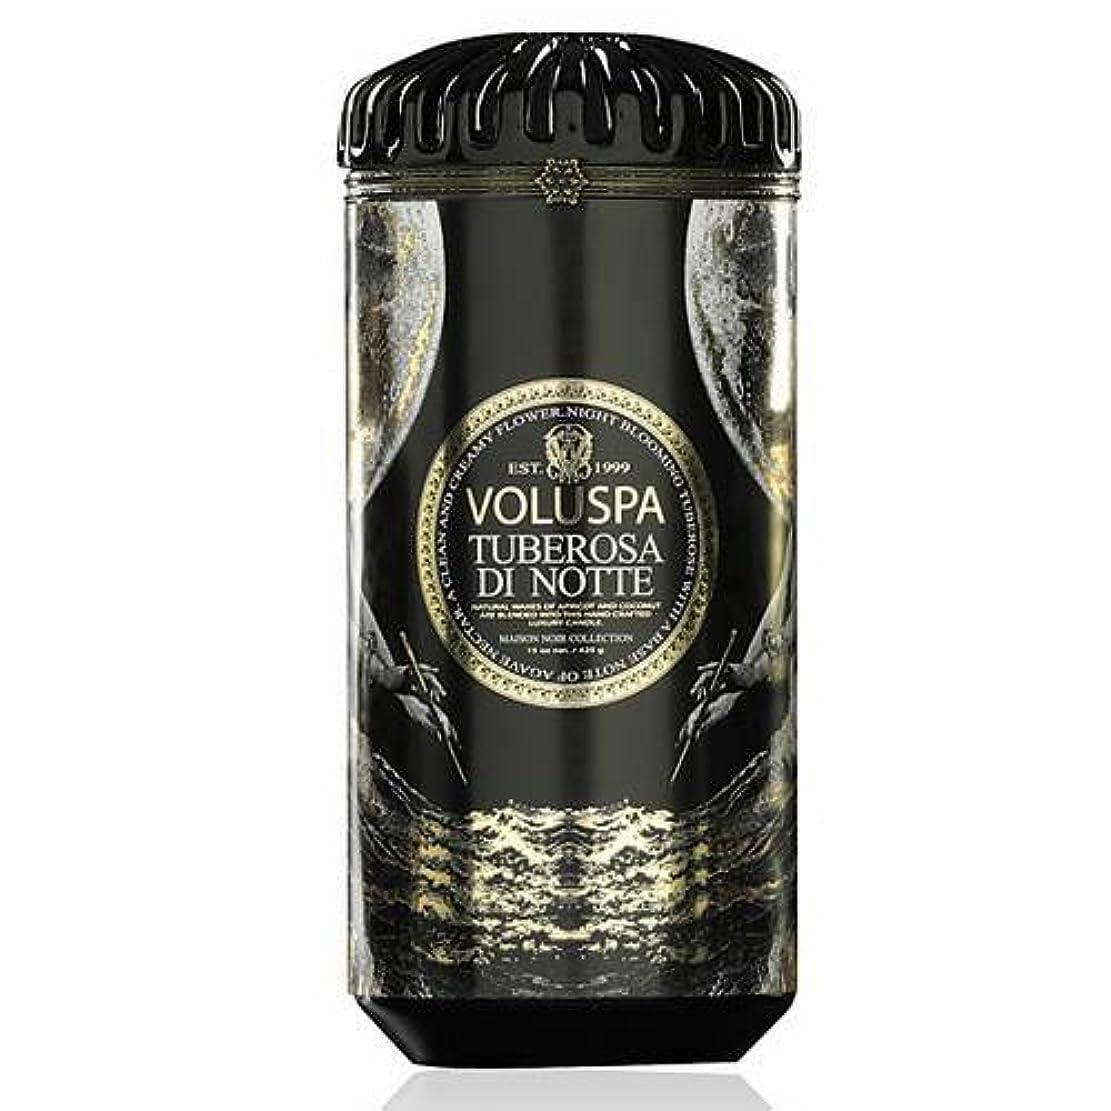 ホイットニールアー連続したVoluspa ボルスパ メゾンノワール セラミックキャンドル チューベローズ ディ ノッテ MAISON NOIR Ceramic Candle TUBEROSA DI NOTTE